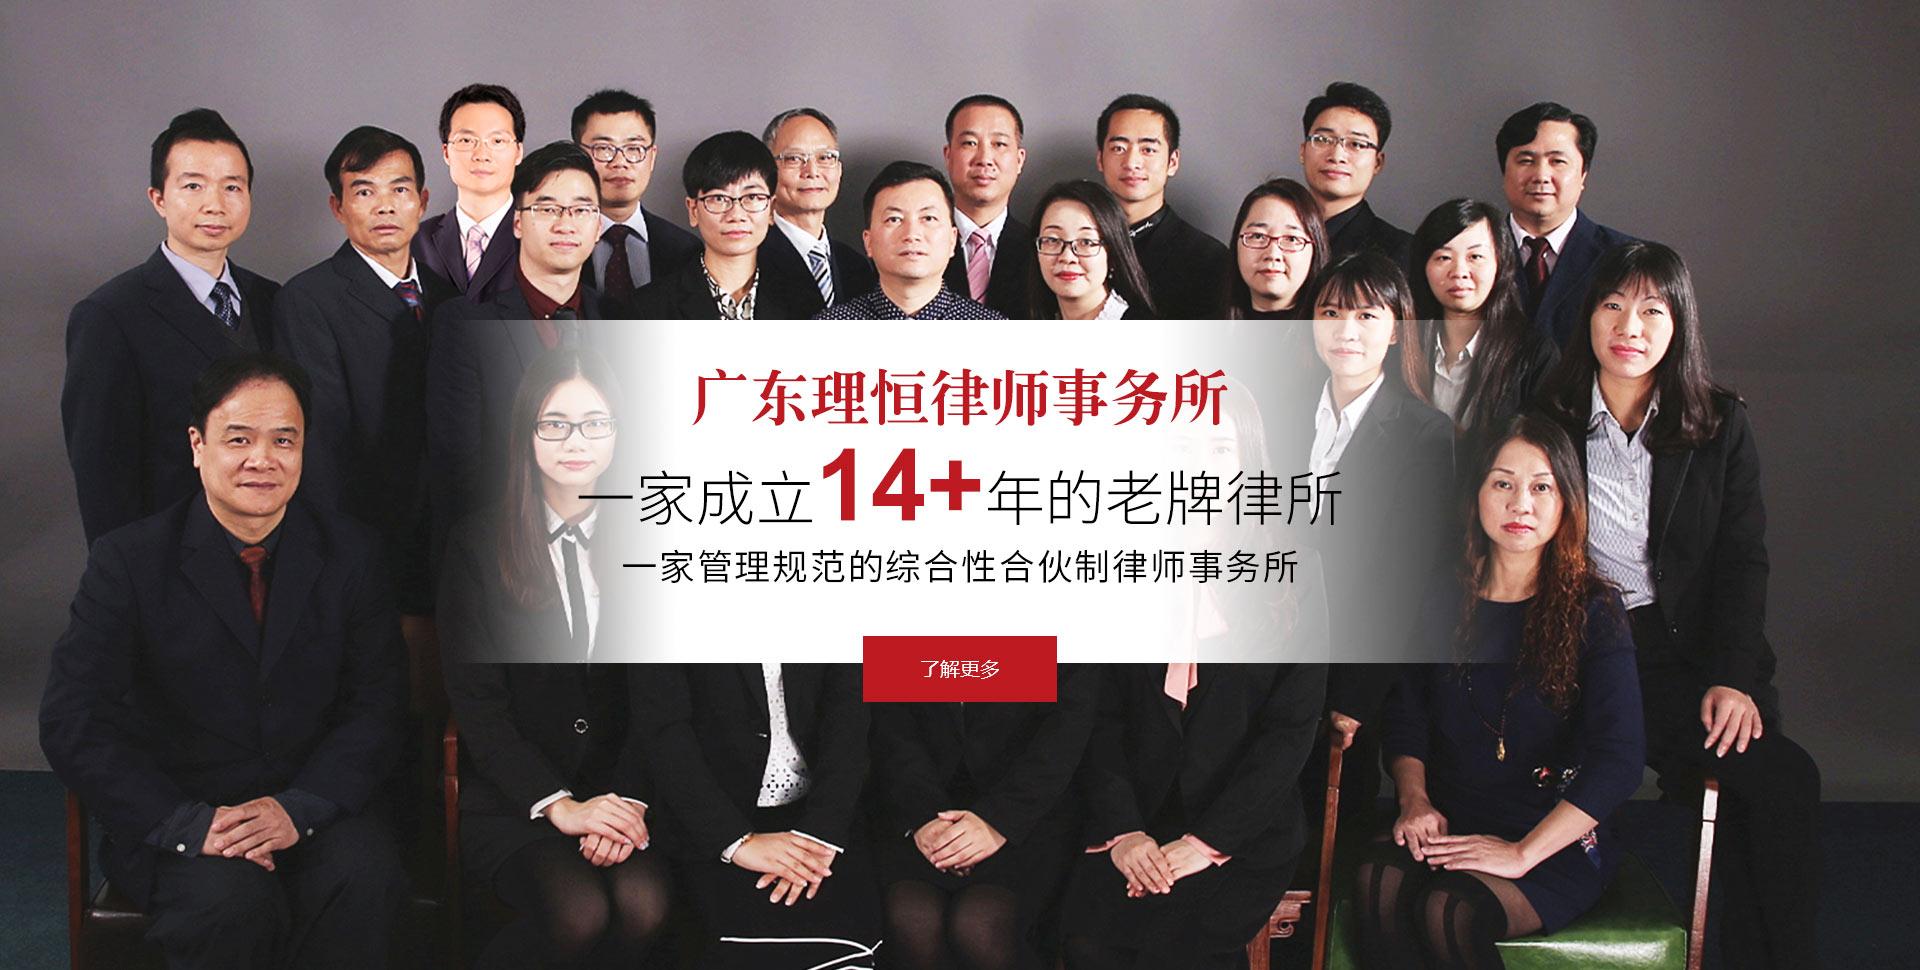 广东理恒律师事务所-广州市规范律师事务所